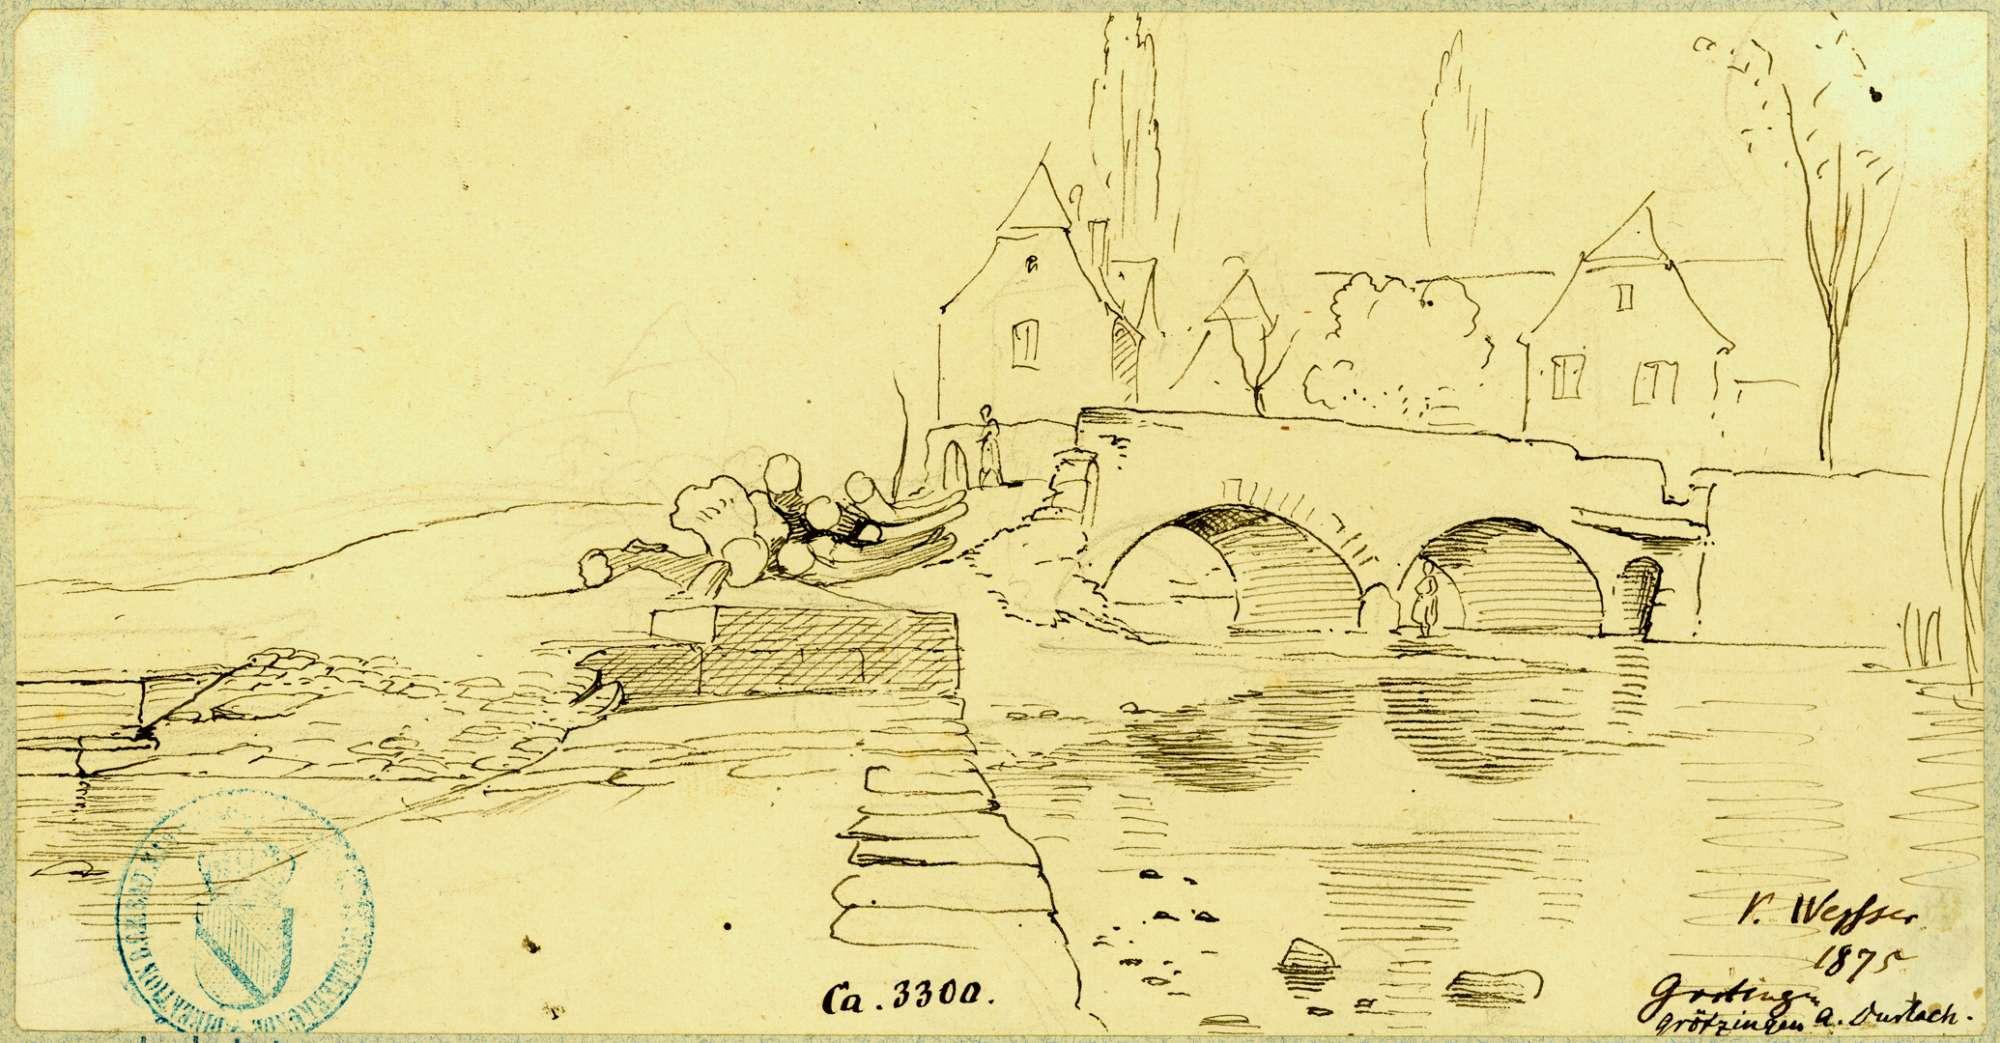 Grötzingen Bogenbrücke über die Pfinz, Bild 1